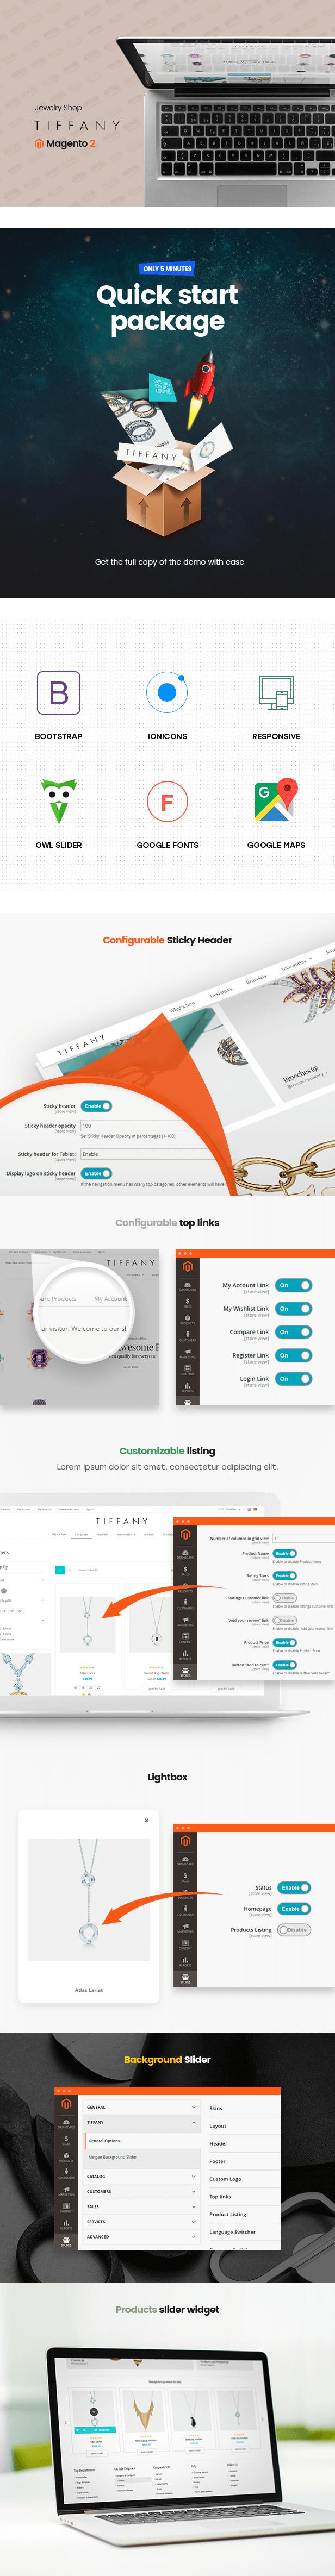 Tiffany - Jewelry Magento 2 and Magento 1 Theme - 3